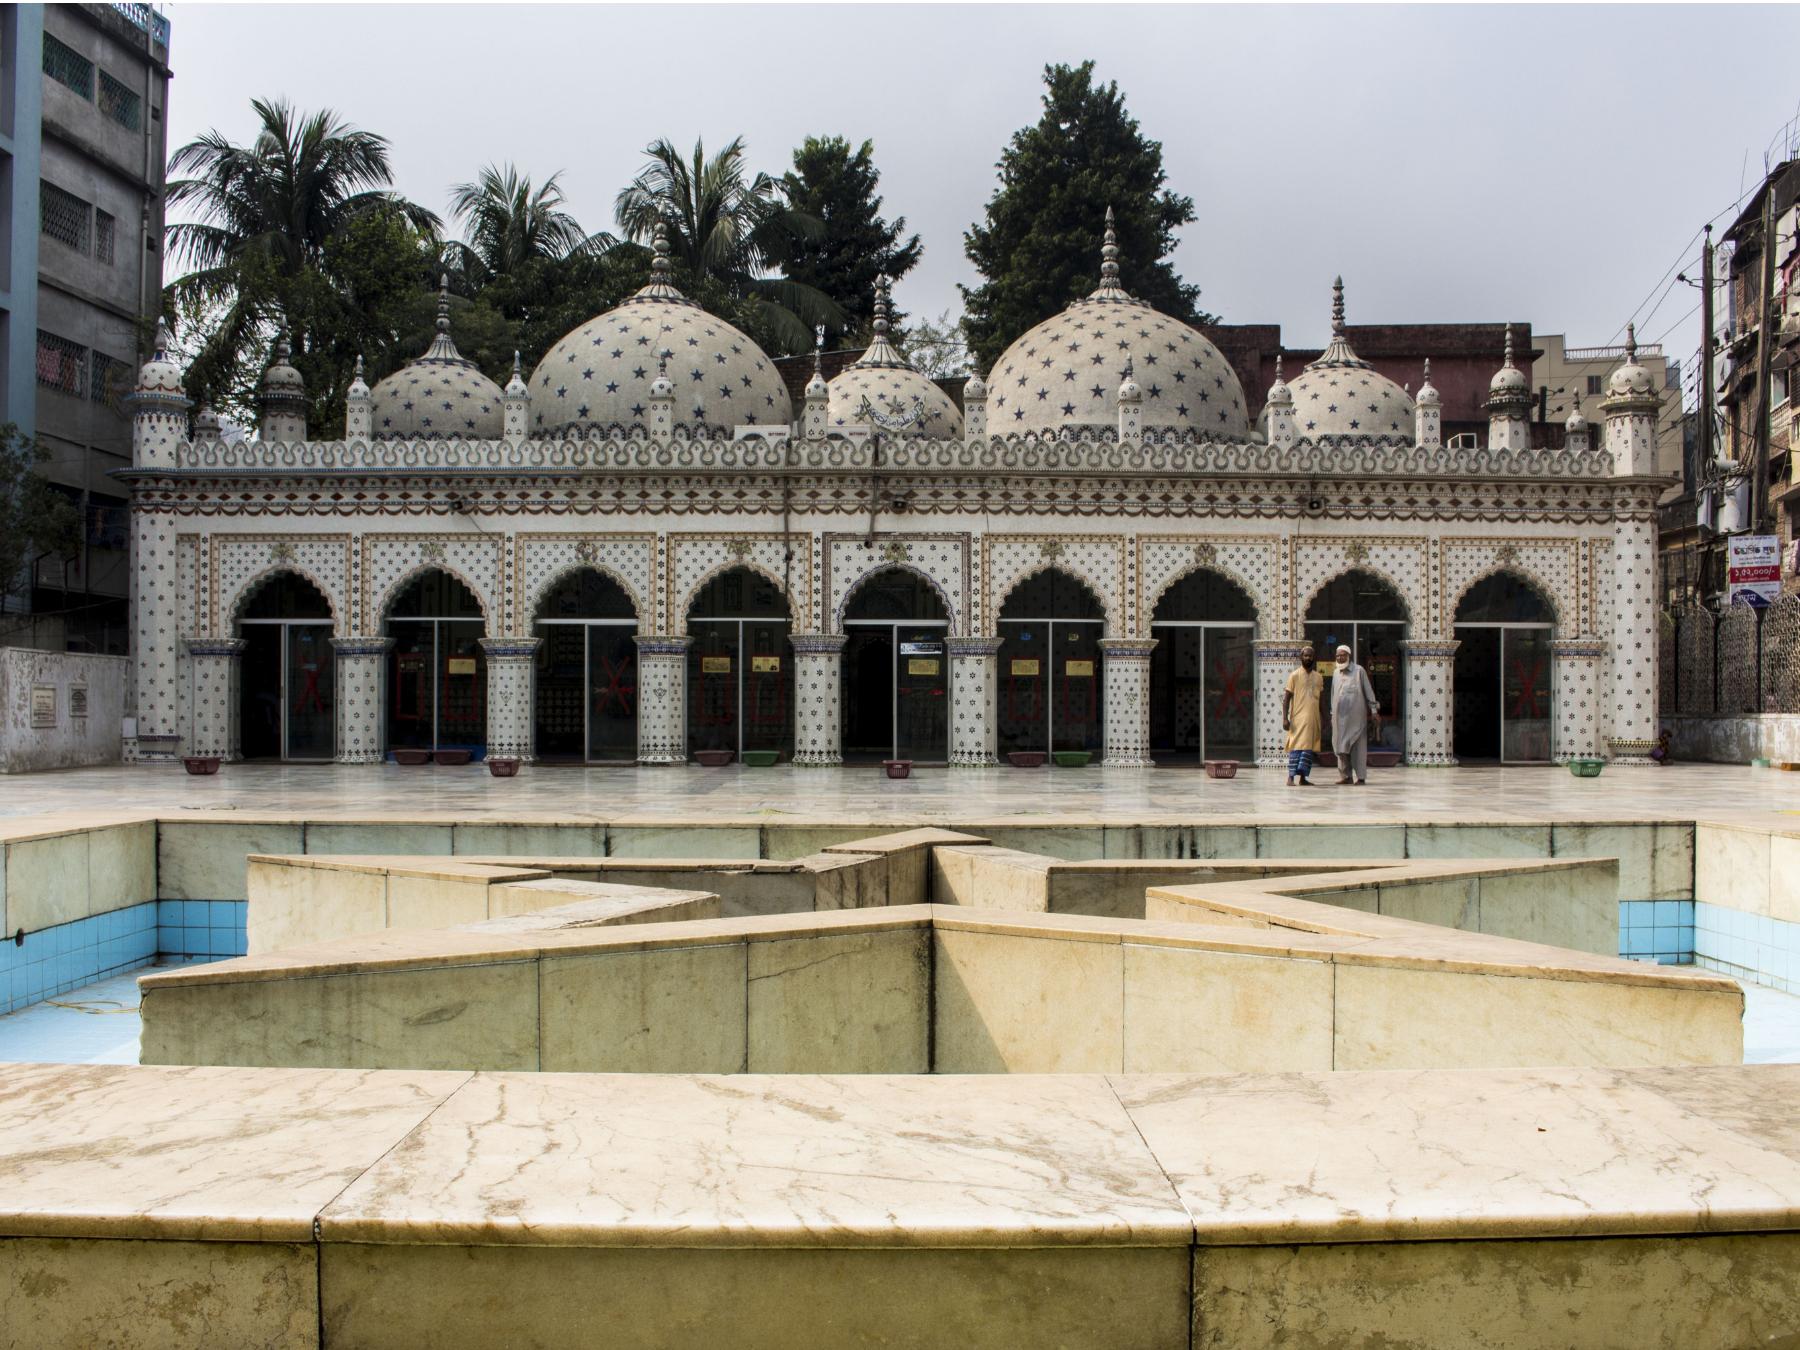 15-melhores-lugares-para-viajar-esse-ano-2019-bangladesh 15 melhores lugares para viajar (melhor custo)